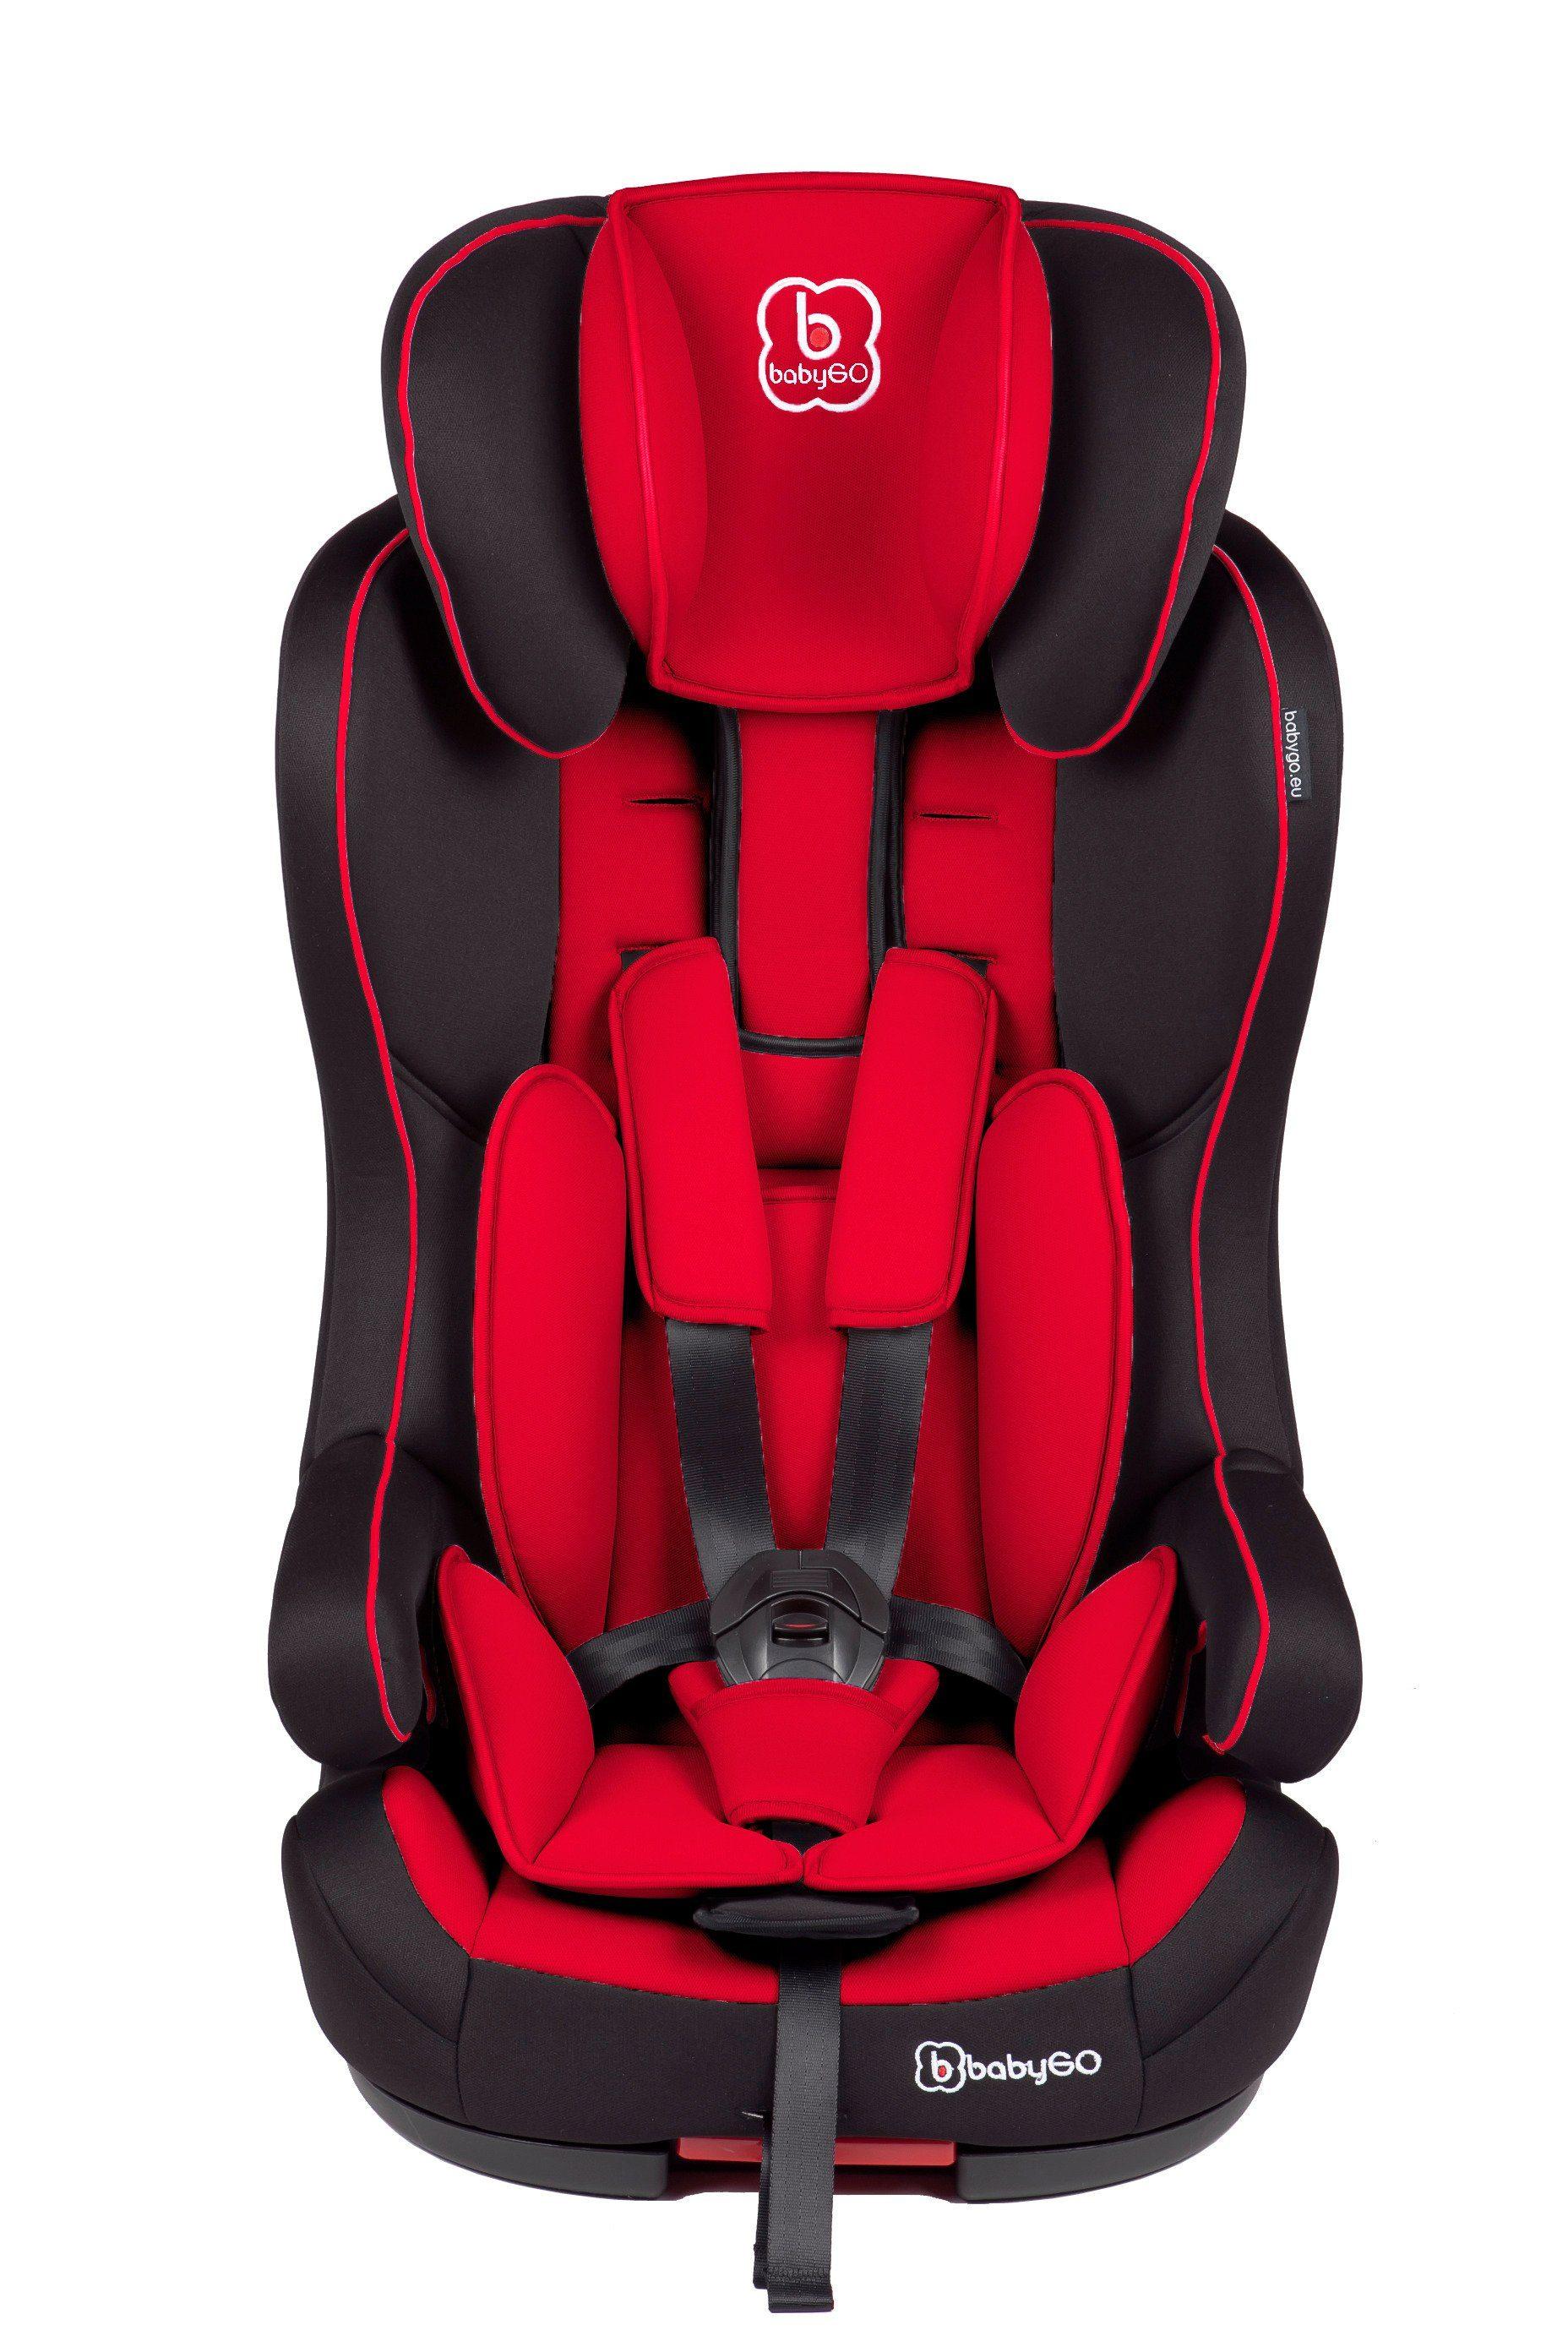 BABYGO Kindersitz »Iso red«, 9 - 36 kg, Isofix